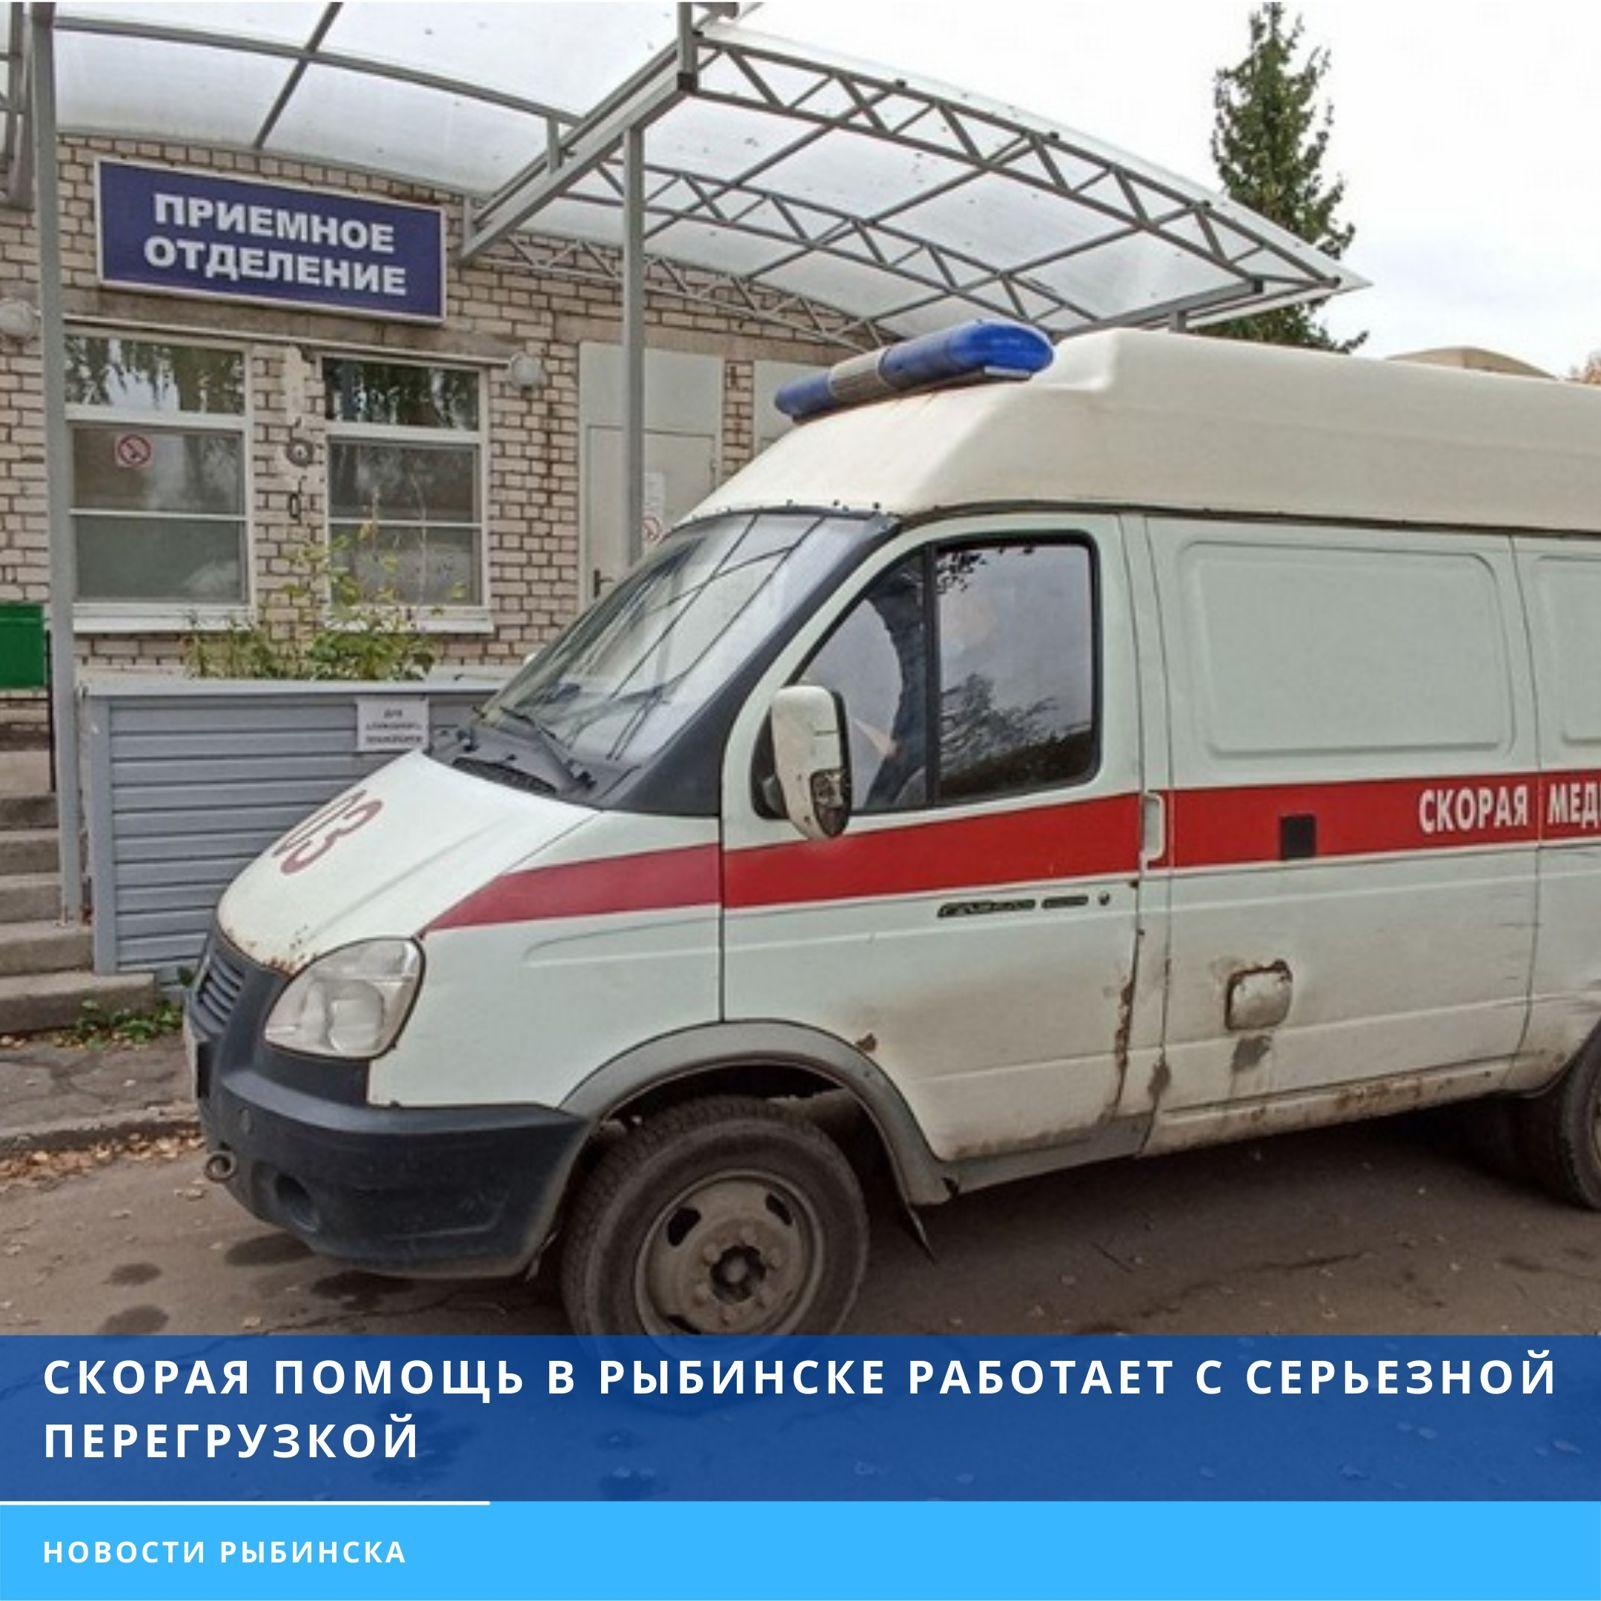 Койки для ковид-пациентов заняты, а ожидание скорой может занять сутки: медики в Рыбинске перегружены